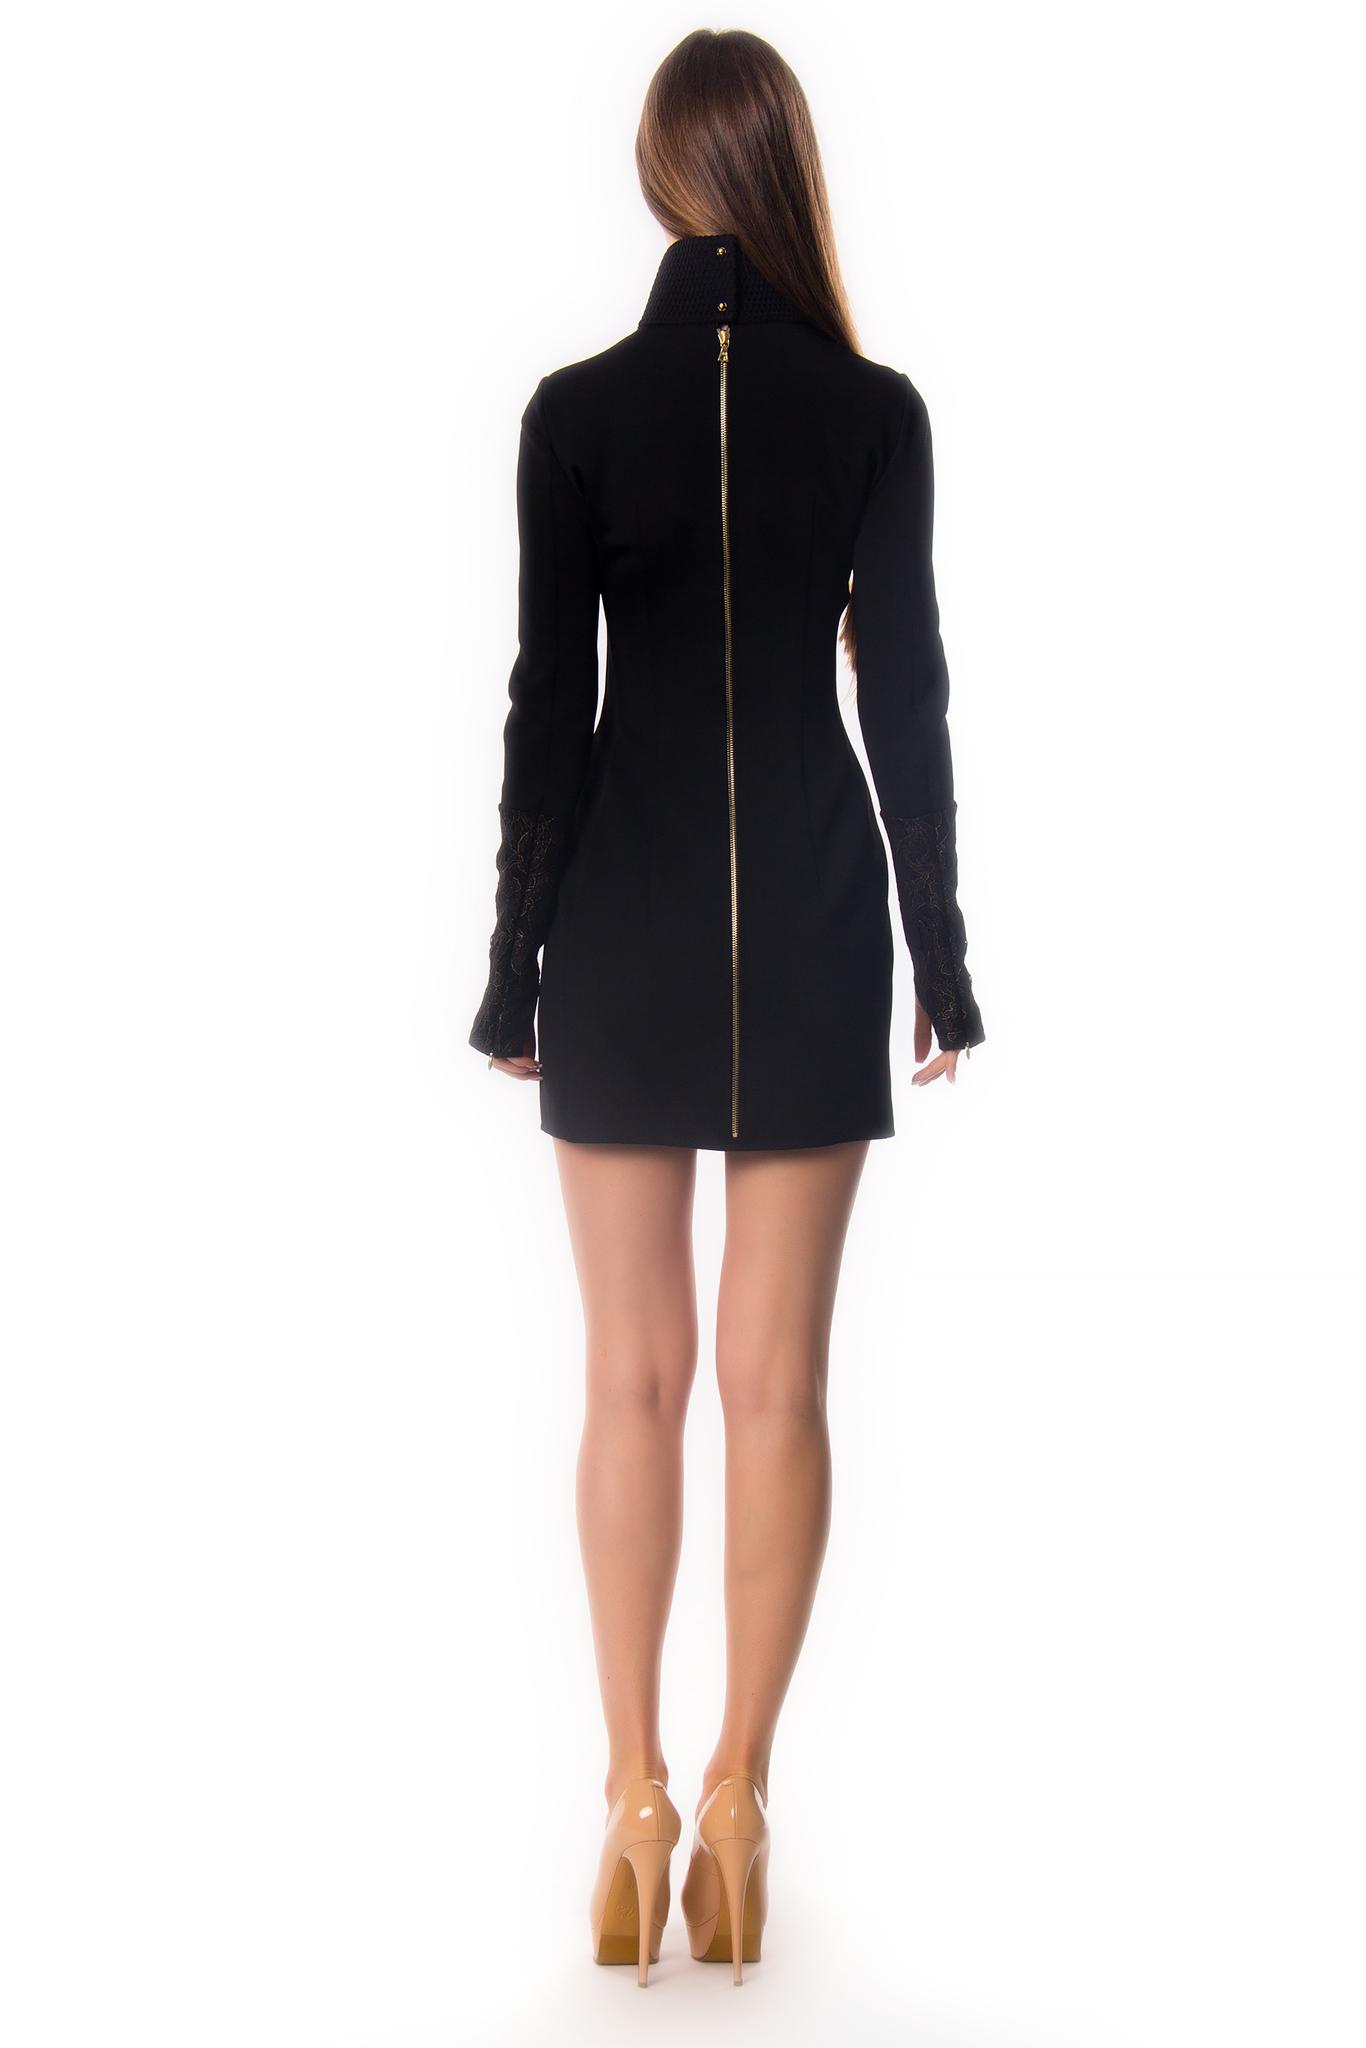 Черное мини-платье с тремя молниями, декорированное кожаными вставками и вышивкой